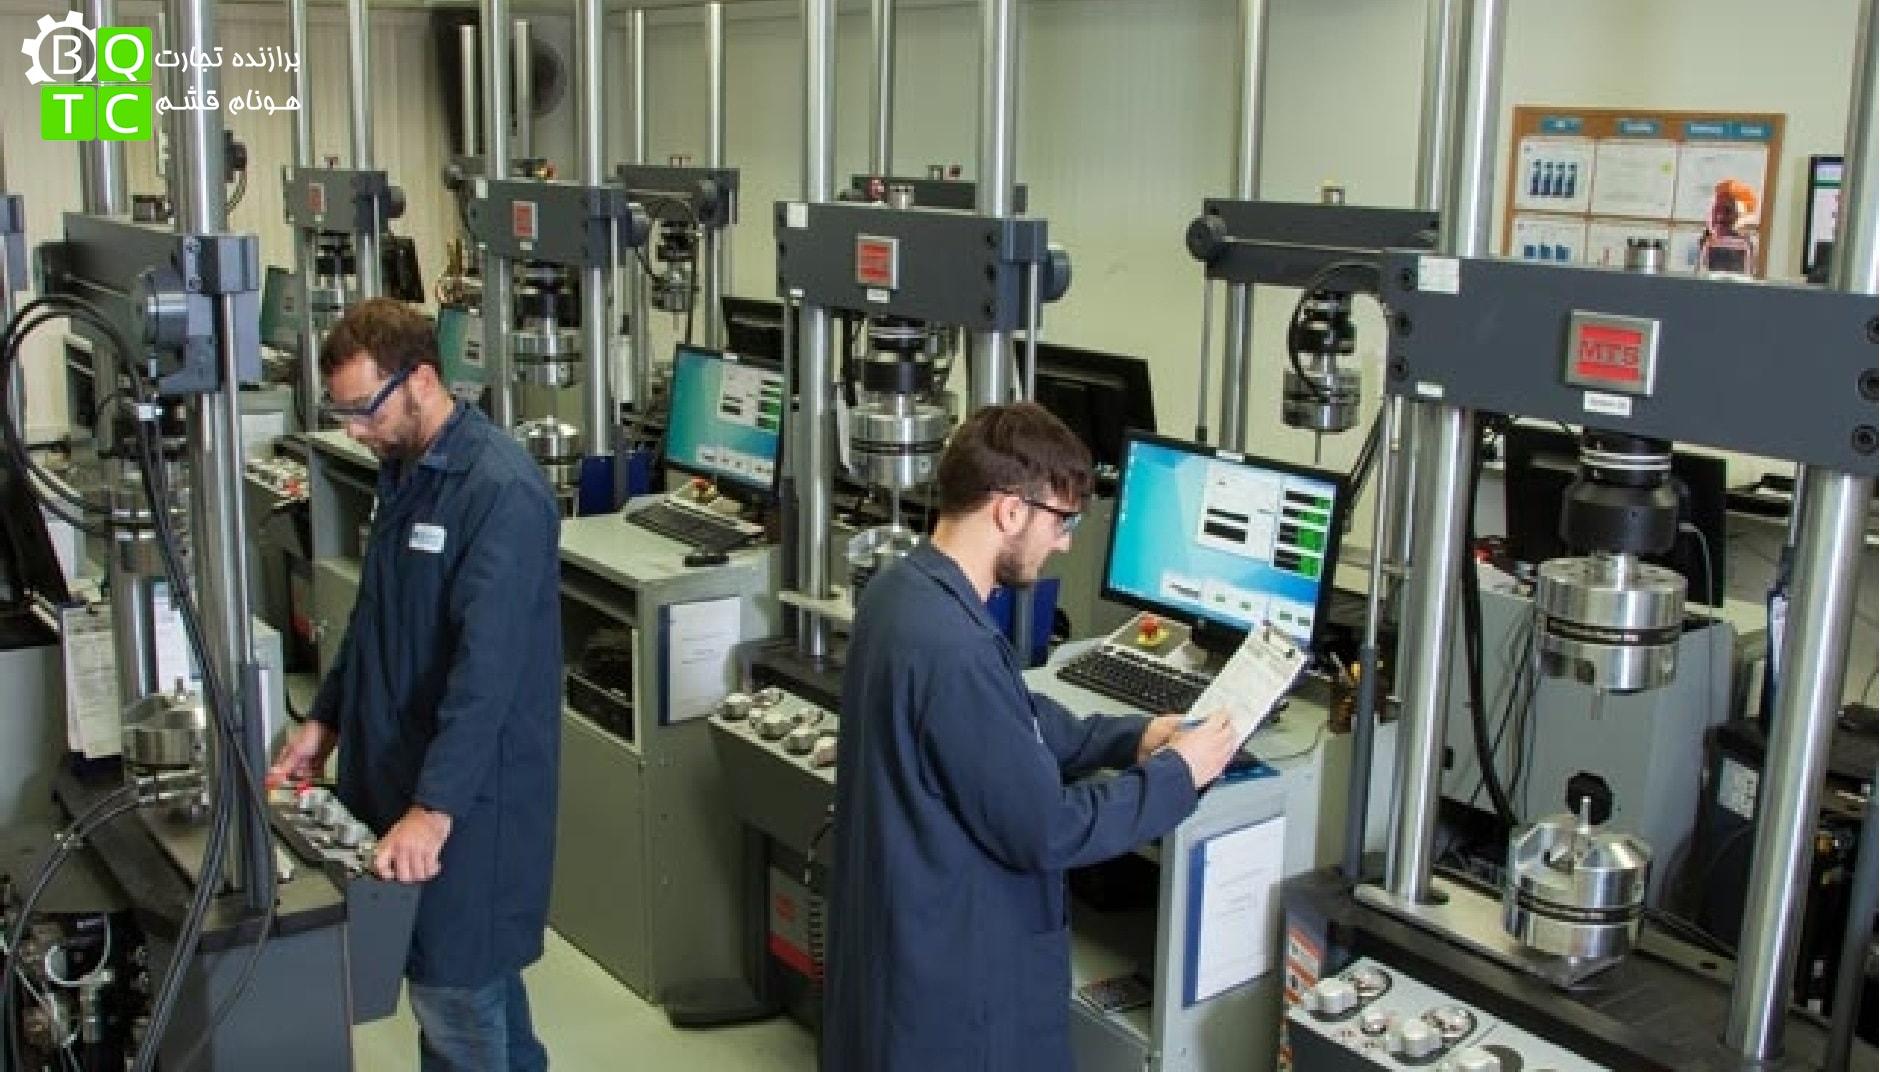 نیازهای عمومی برای تأسیس آزمایشگاه تست های غیر مخرب کدام است